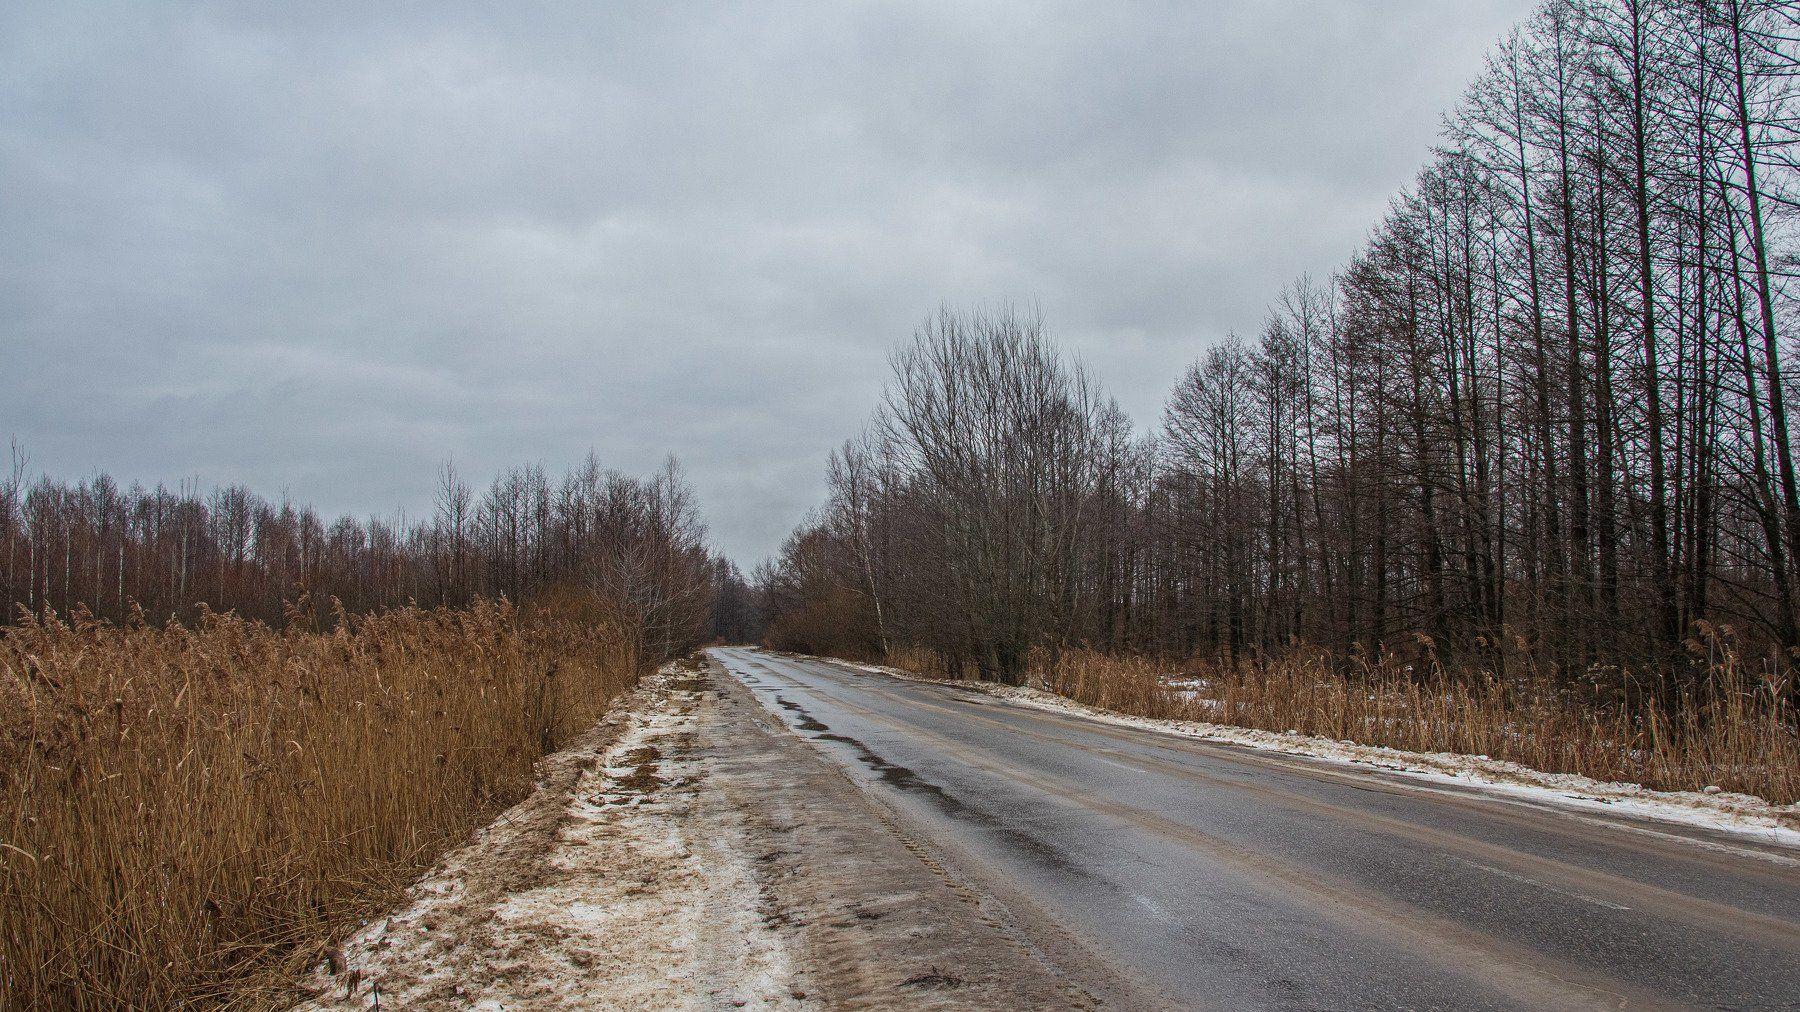 пейзаж, кулебаки, landscape, winter, зима, дорога, road, trees, grass, деревья, Васильев Владимир